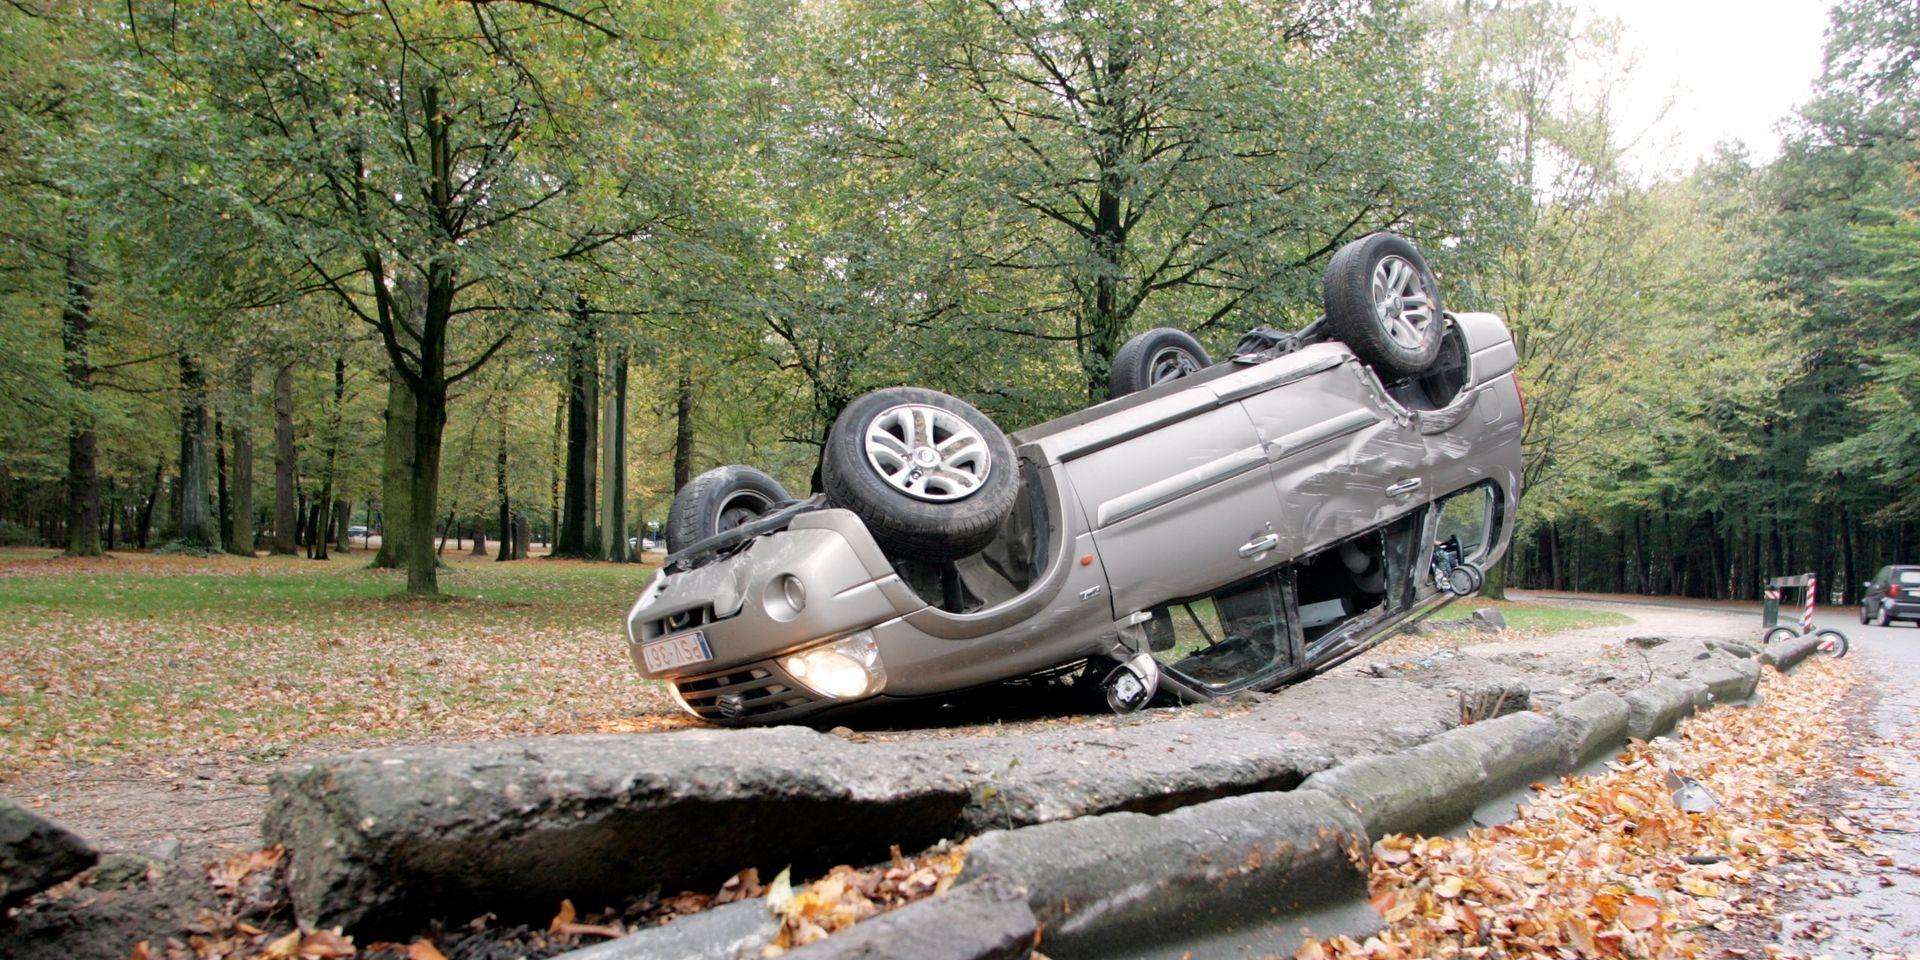 Go to Возимо брзо, возимо пијани и гинемо лако: Зашто 300 на сат?